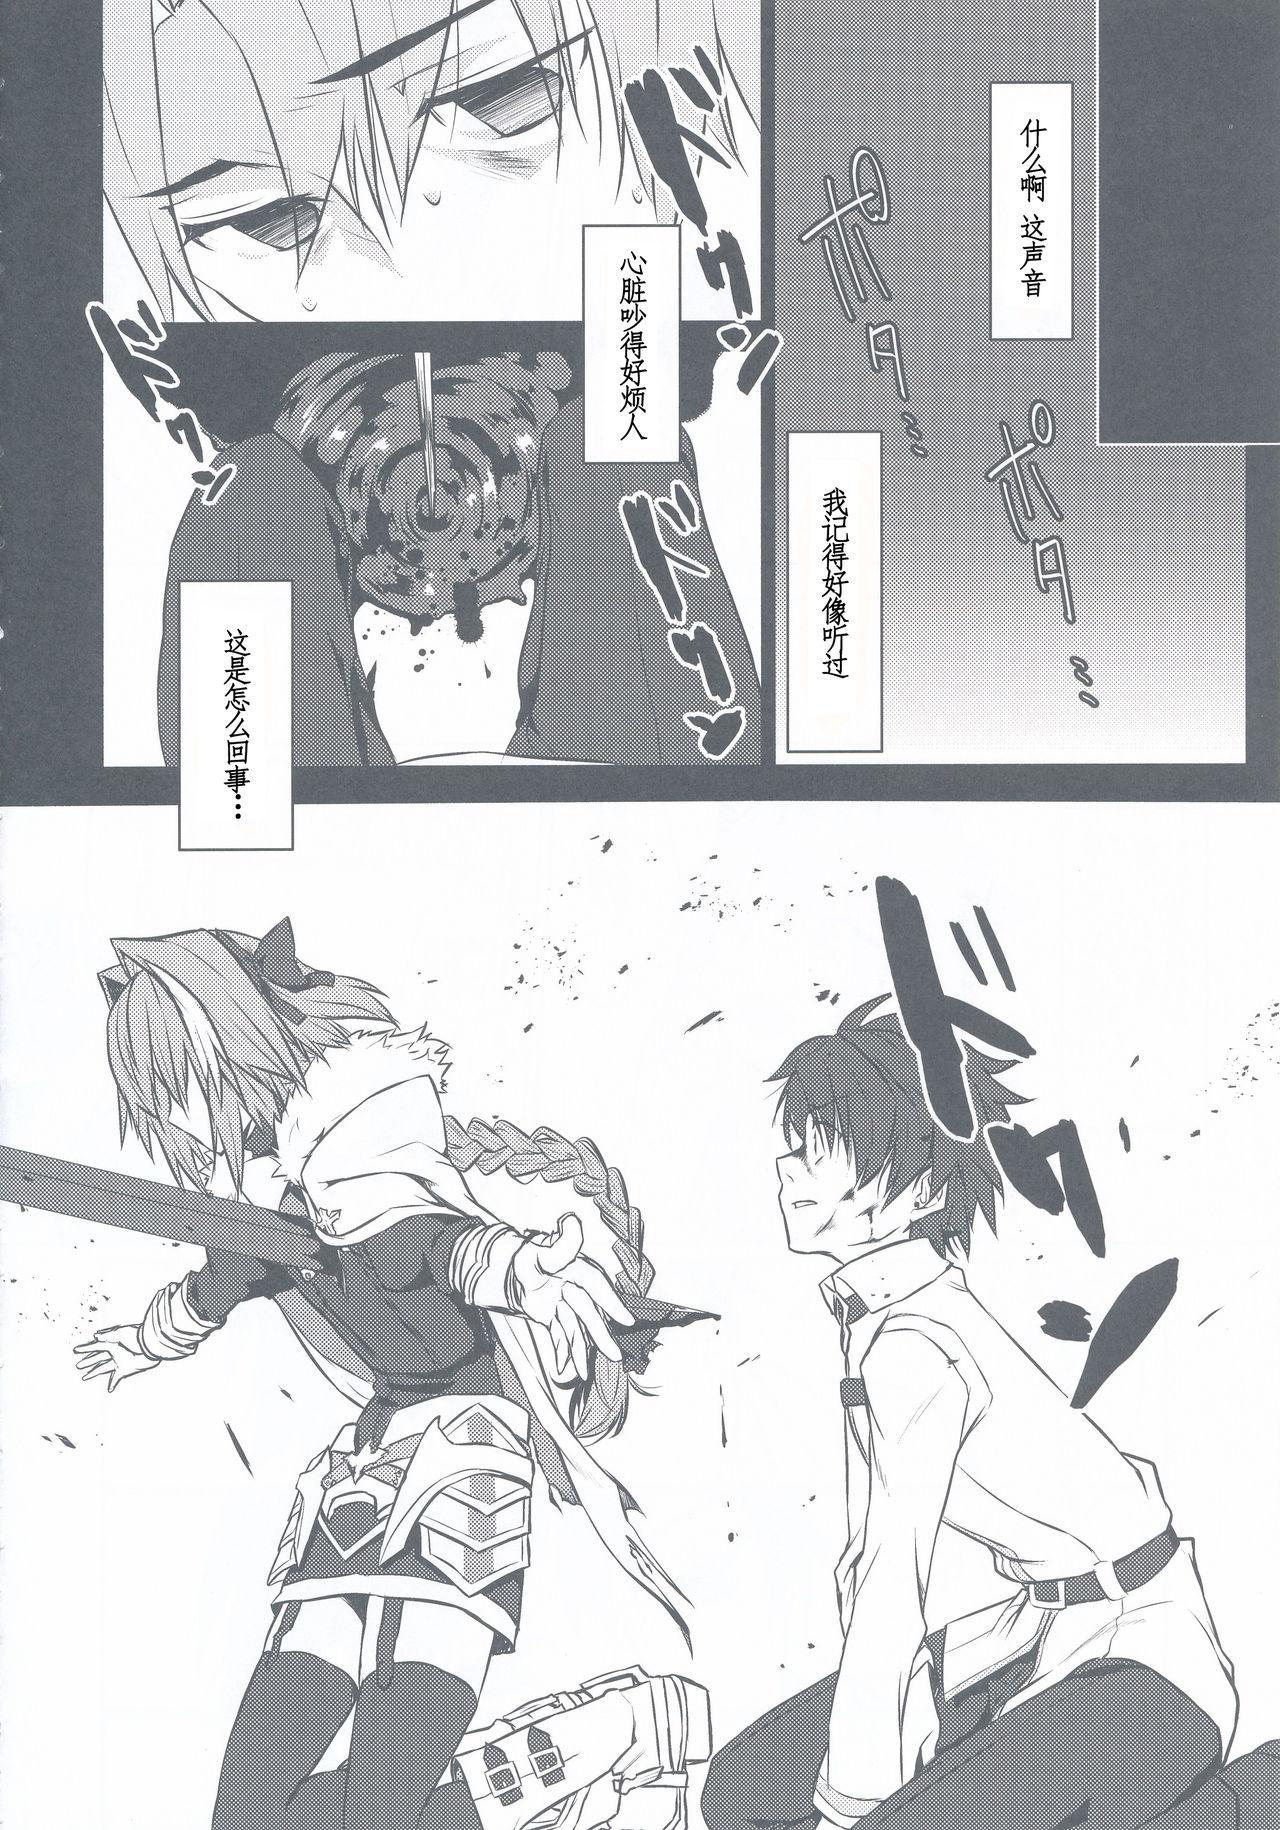 Astolfo-kun to Nenmatsu ni Ichaicha Sugosu Hon 11